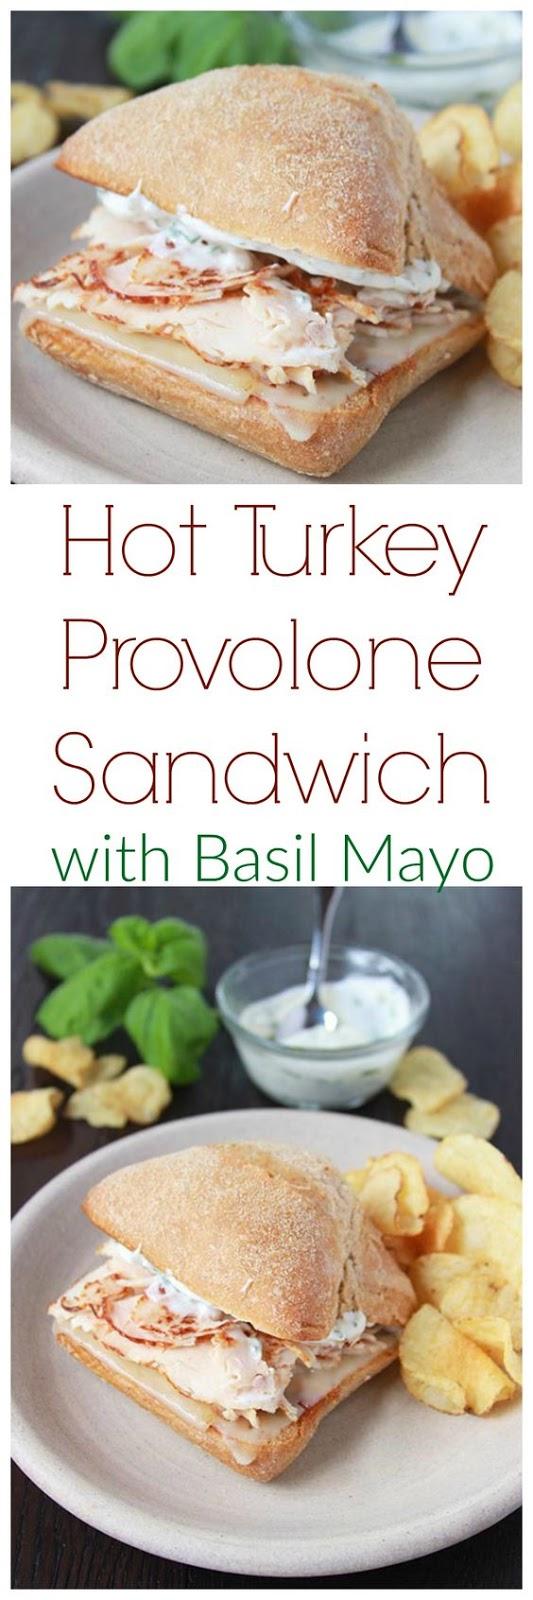 Hot Turkey Provolone Sandwich with Basil Mayo